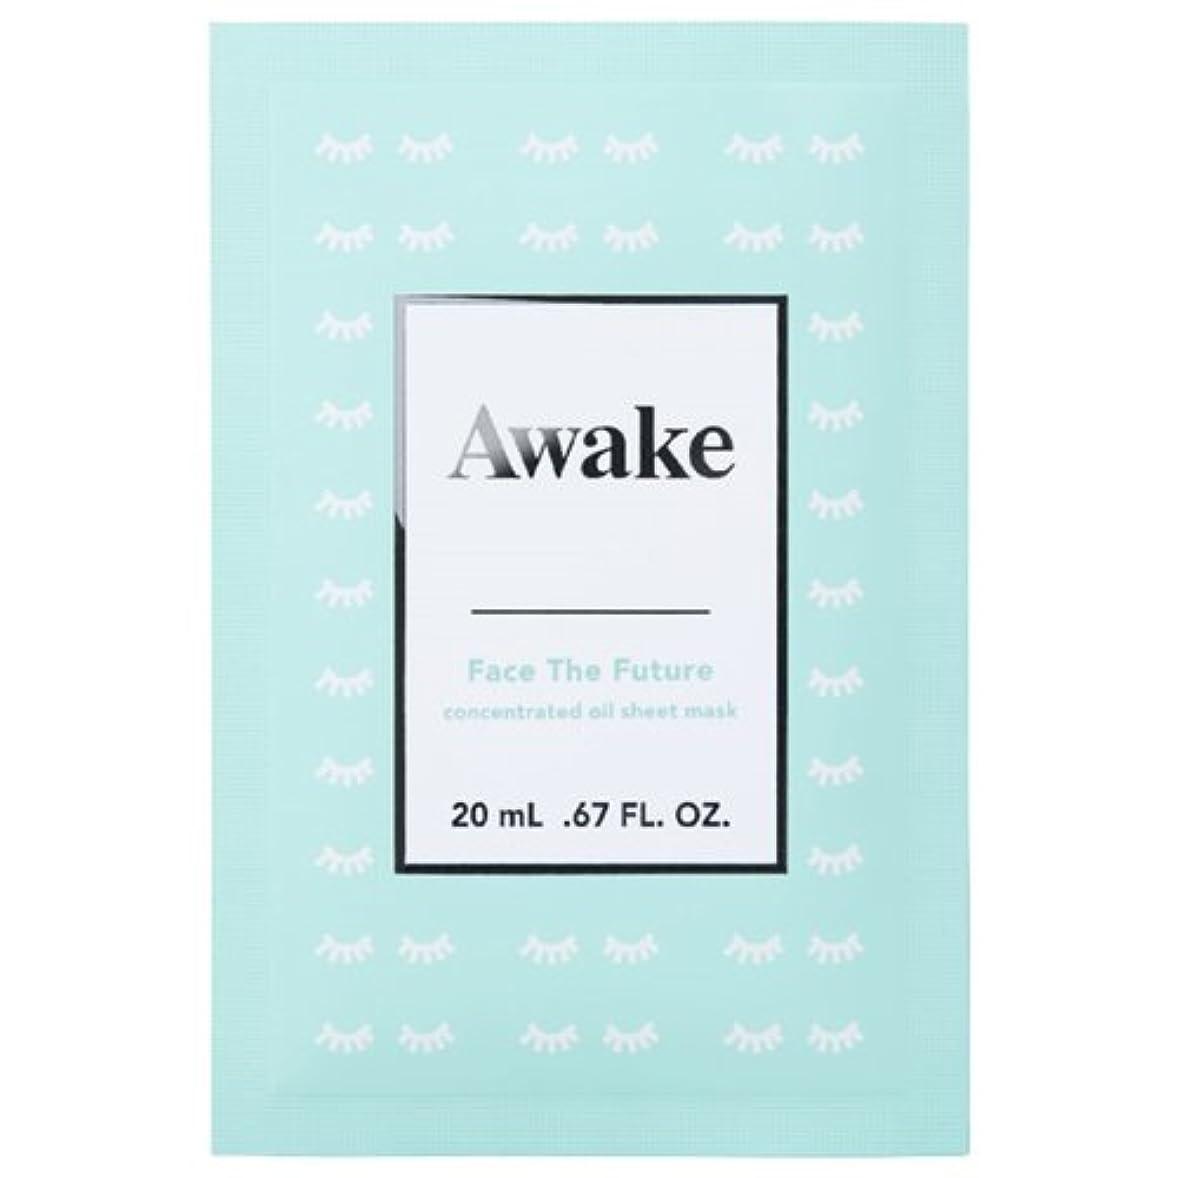 楽観融合波アウェイク(AWAKE) Awake(アウェイク) フェイスザフューチャー コンセントレイティッド オイルシートマスク (20mL × 6枚入)